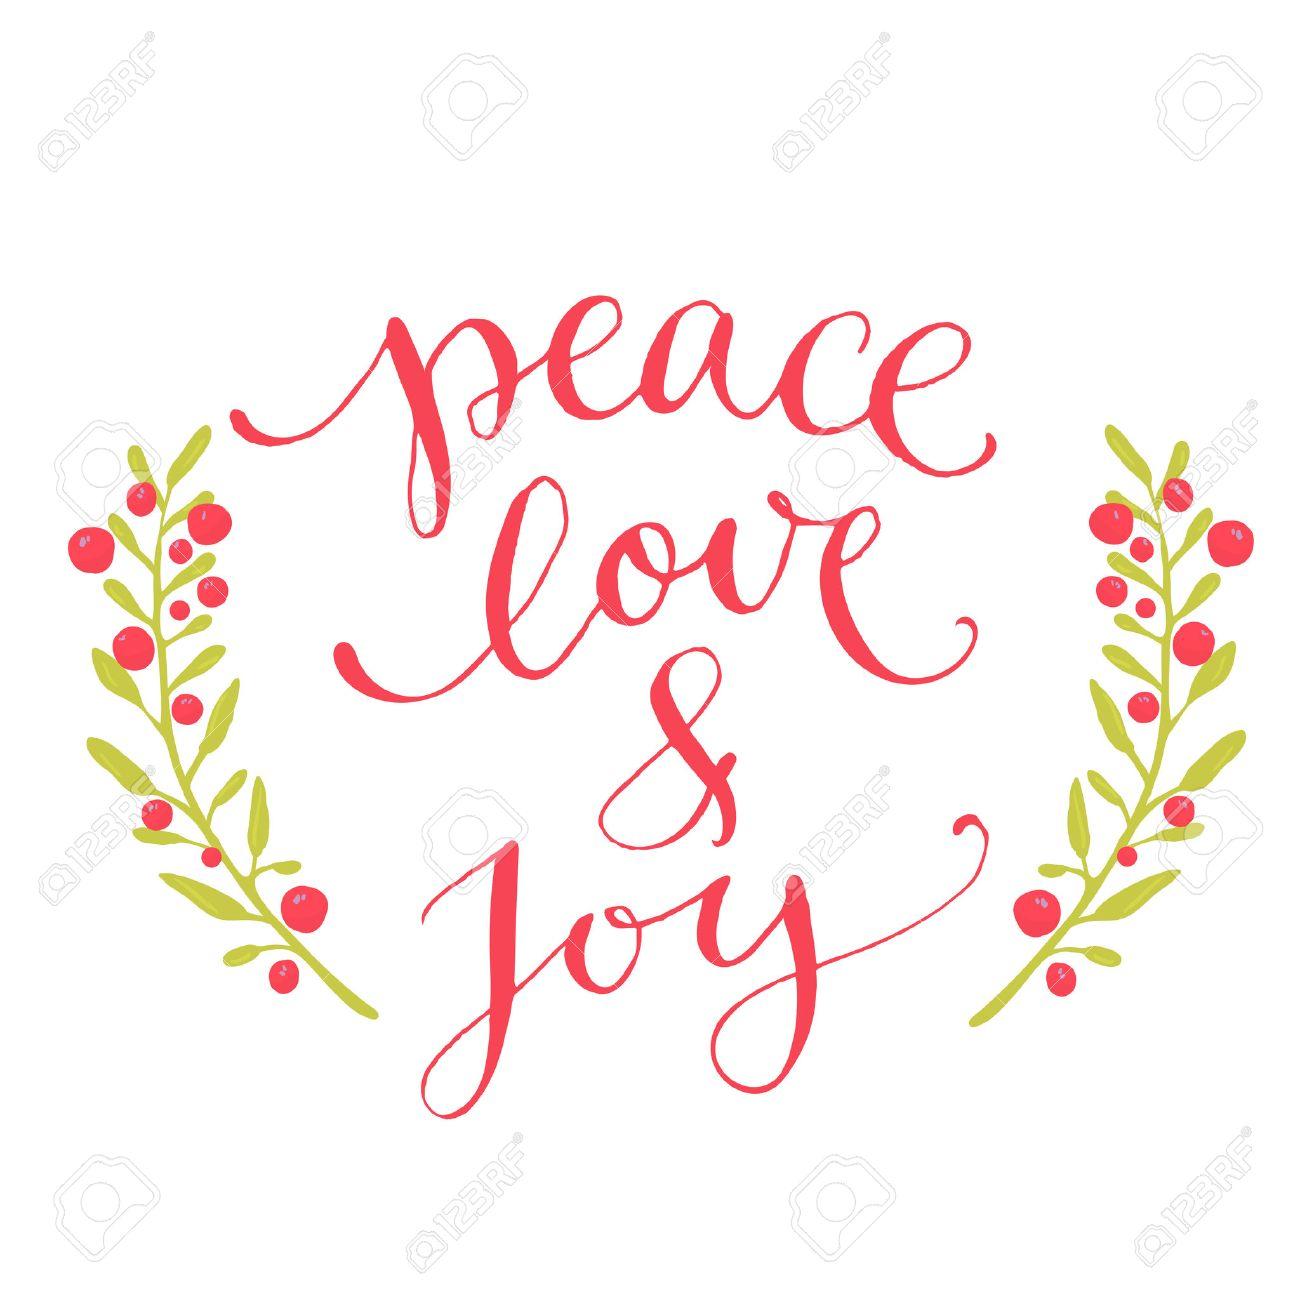 La Paz El Amor Y La Alegria De Texto Tarjeta De Navidad Con La